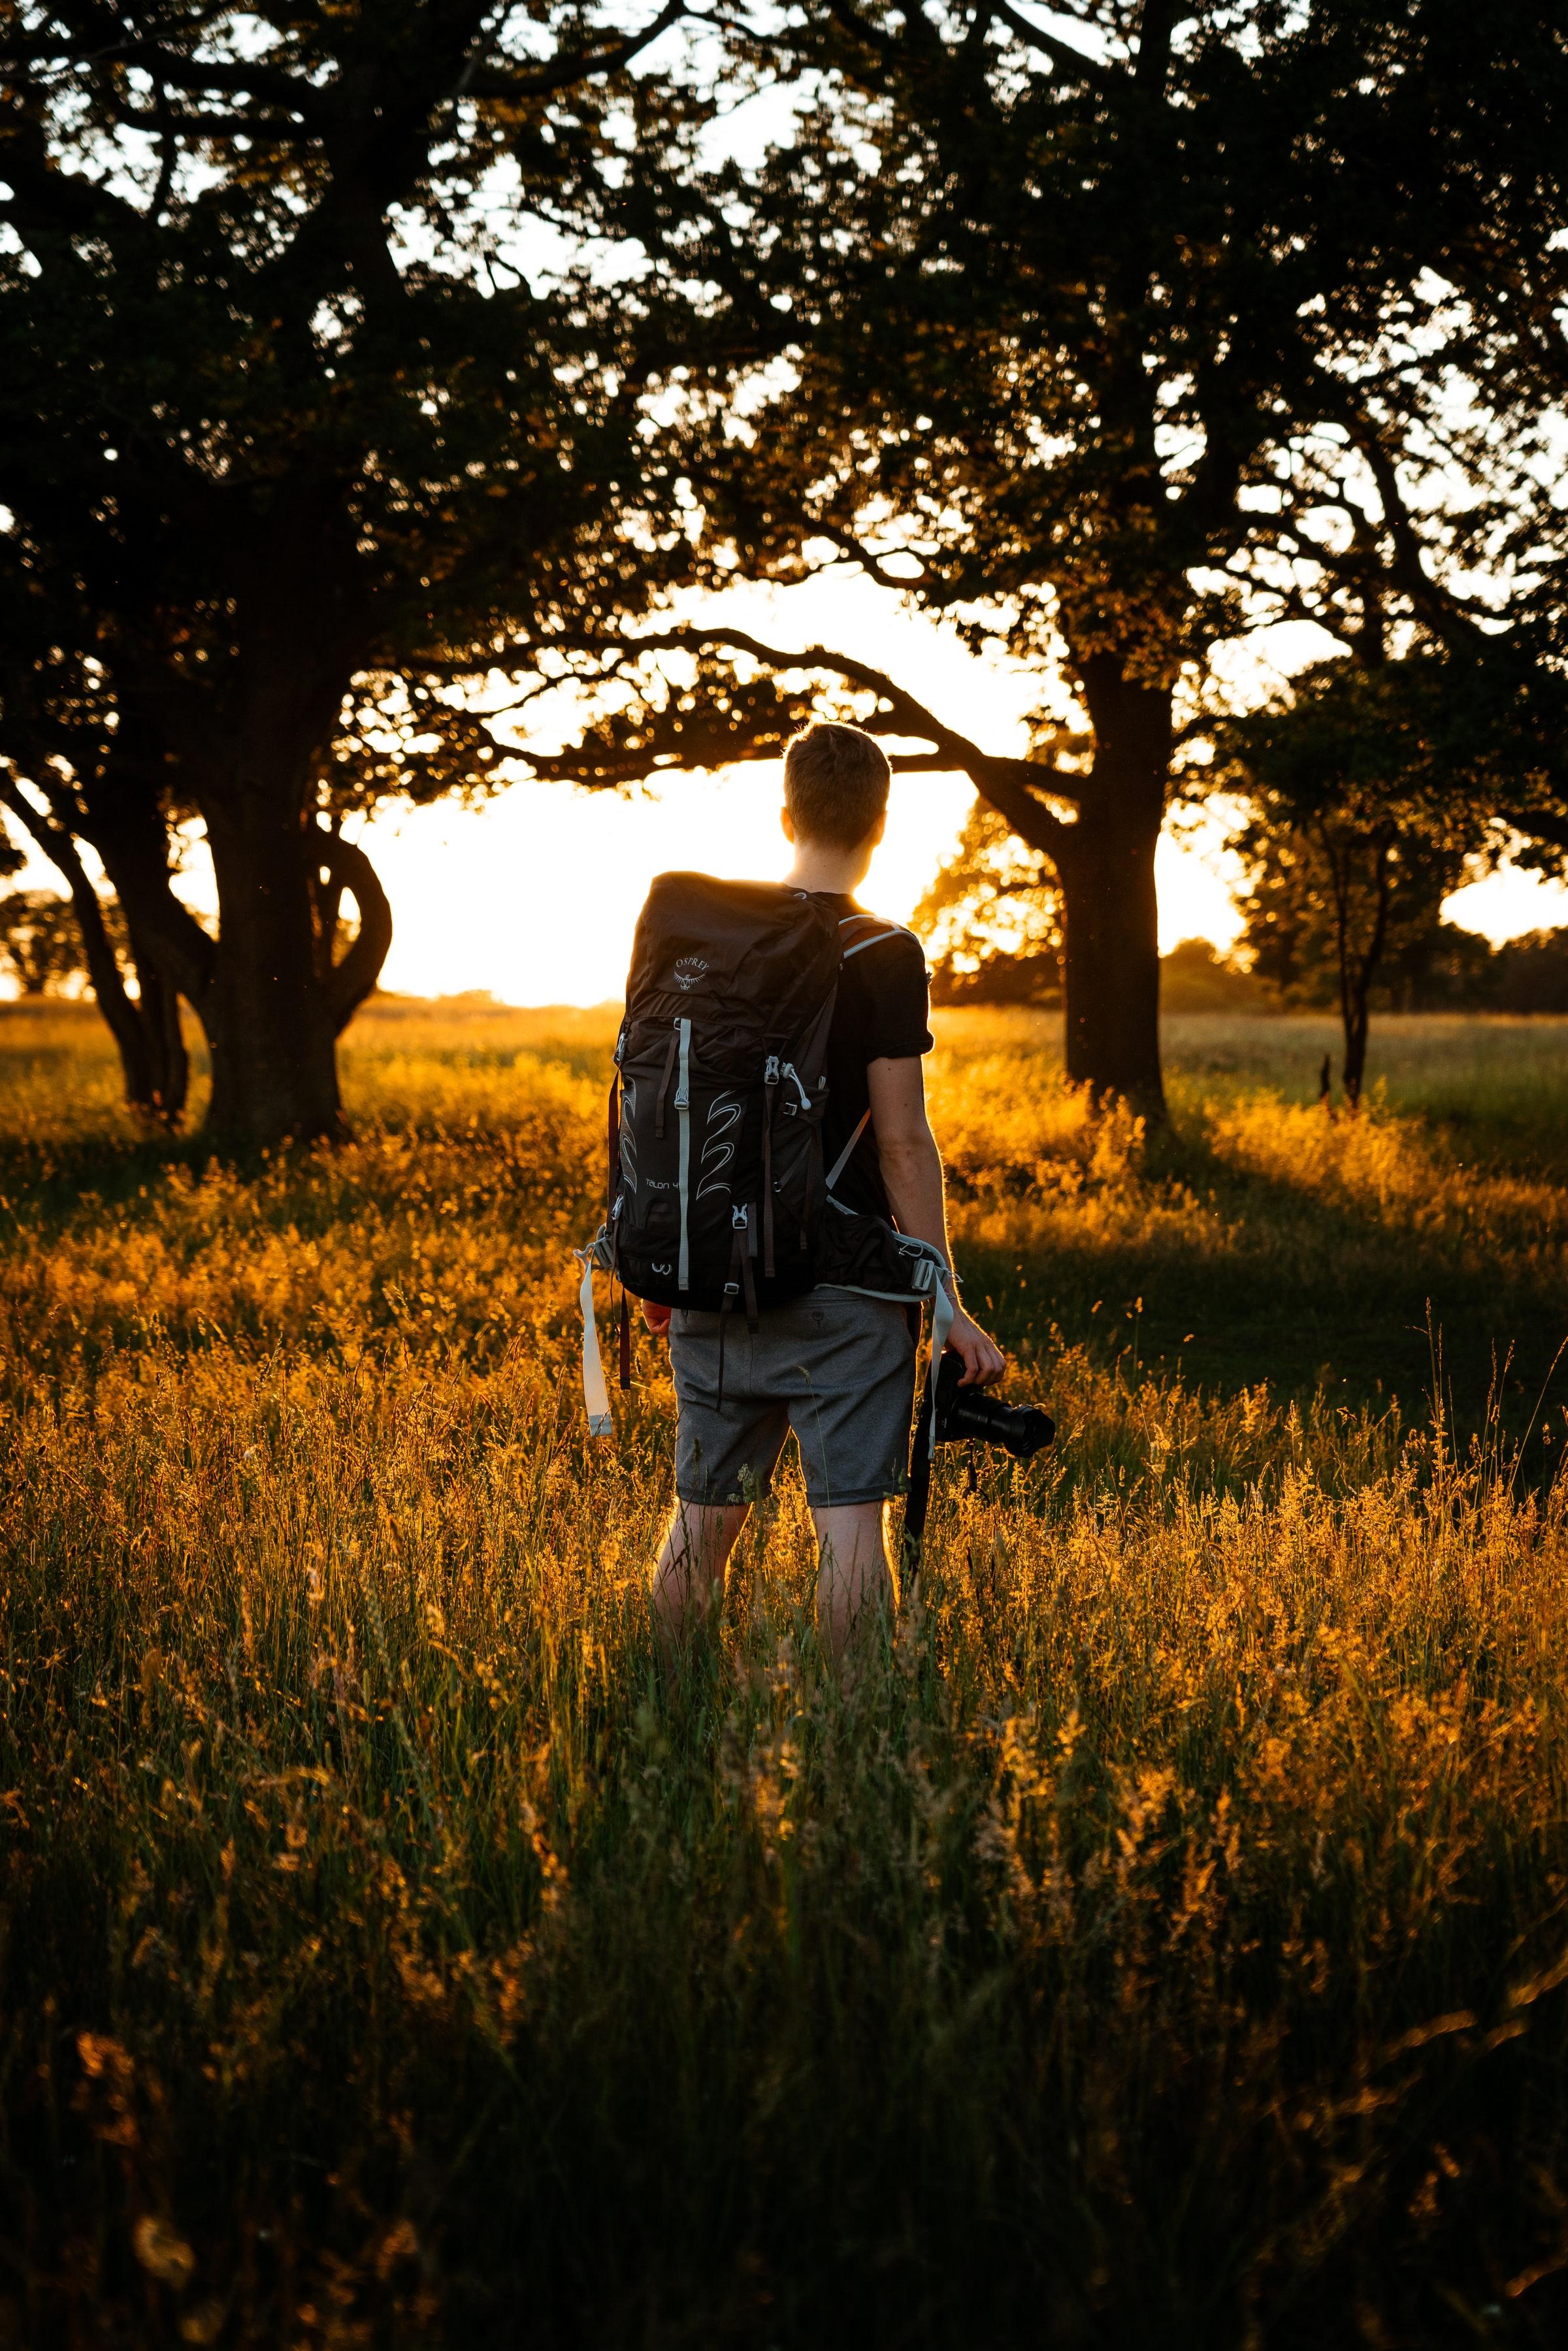 155247 скачать обои Разное, Человек, Фотограф, Деревья, Лучи, Солнце - заставки и картинки бесплатно